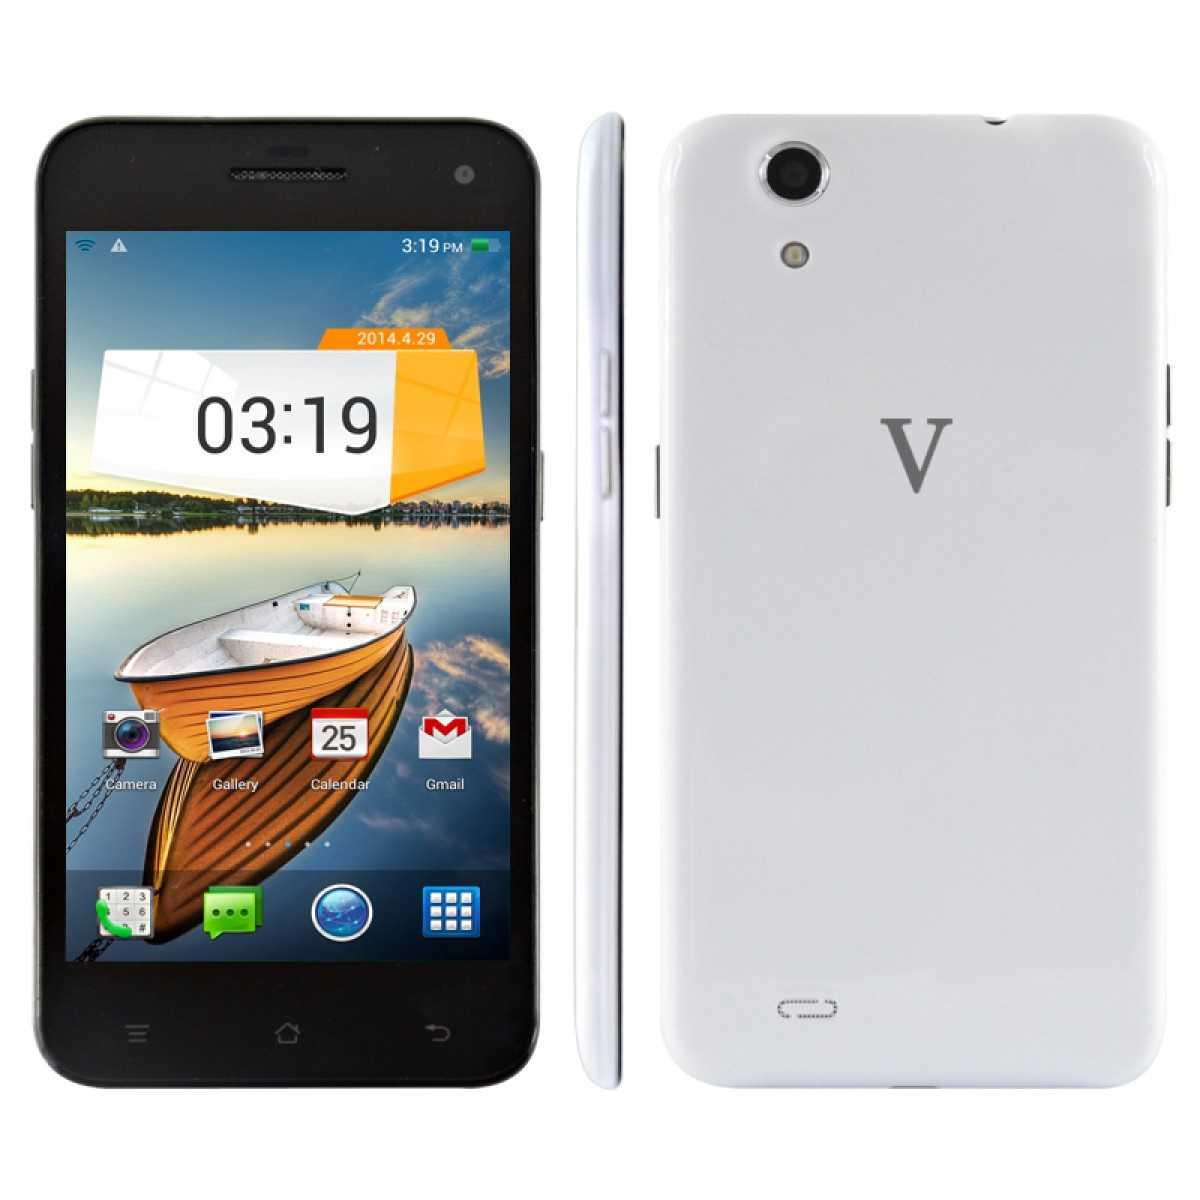 v-phone